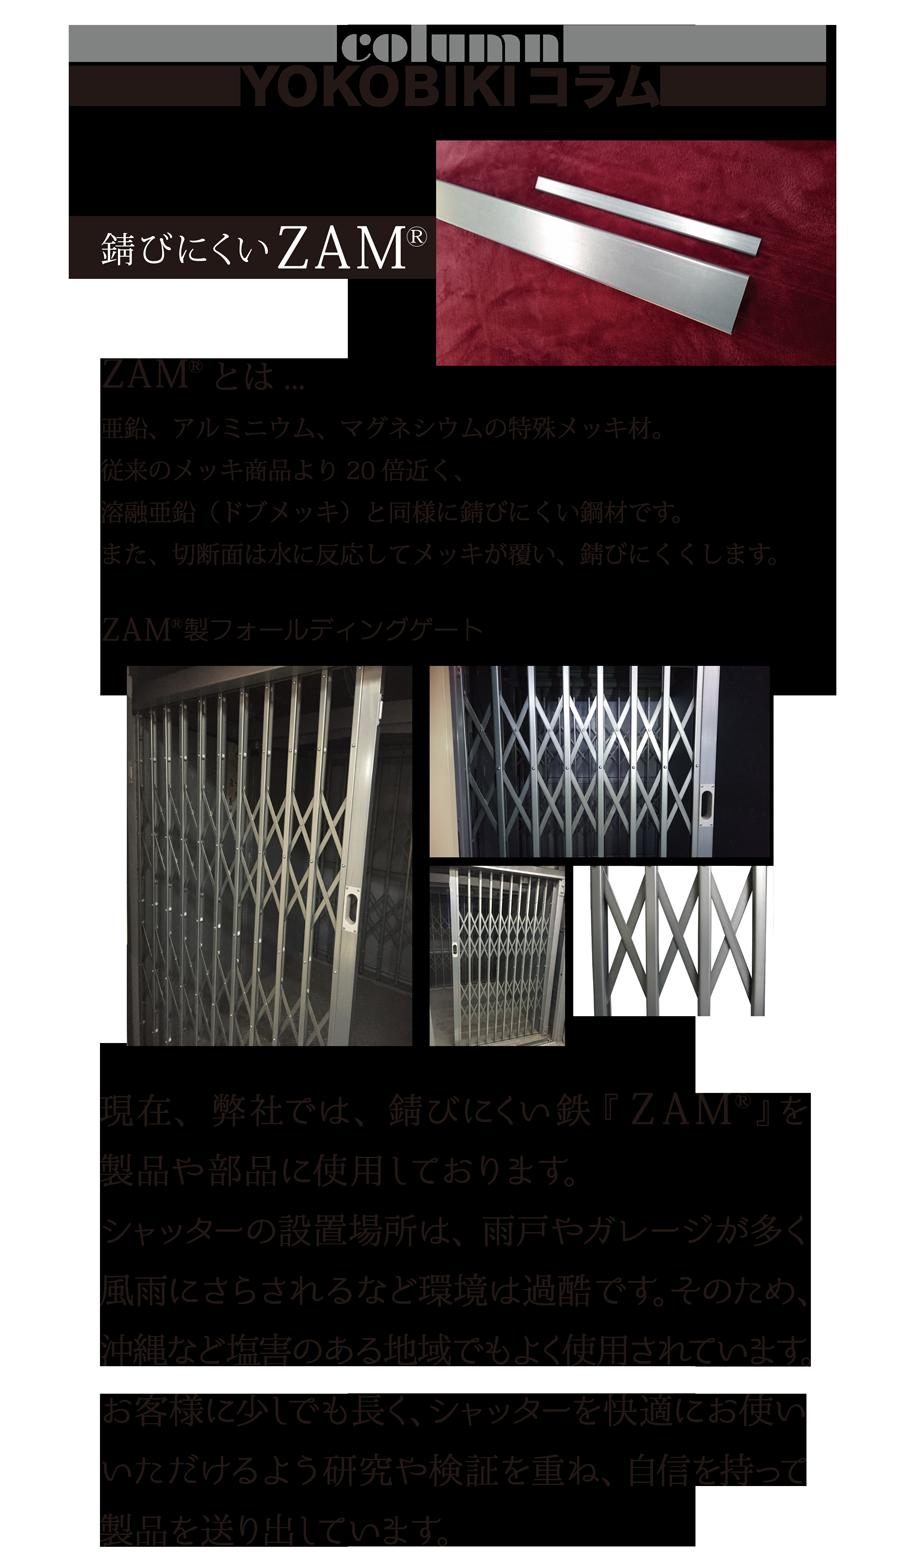 YOKOBIKI SHUTTER COLUMN 錆びにくいZAM(R) ZAM(R)とは... 亜鉛、アルミニウム、マグネシウムの特殊メッキ材。従来のメッキ商品より20倍近く、溶融亜鉛(ドブメッキ)と同様に錆びにくい鋼材です。また、切断面は水に反応してメッキが覆い、錆びにくくします。 ZAM(R)製フォールディングゲート 現在、弊社では、錆びにくい鉄『 ZAM(R)』を製品や部品に使用しております。シャッターの設置場所は、雨戸やガレージが多く風雨にさらされるなど環境は過酷です。そのため、沖縄など塩害のある地域でもよく使用されています。お客様に少しでも長く、シャッターを快適にお使いいただけるよう研究や検証を重ね、自信を持って製品を送り出しています。